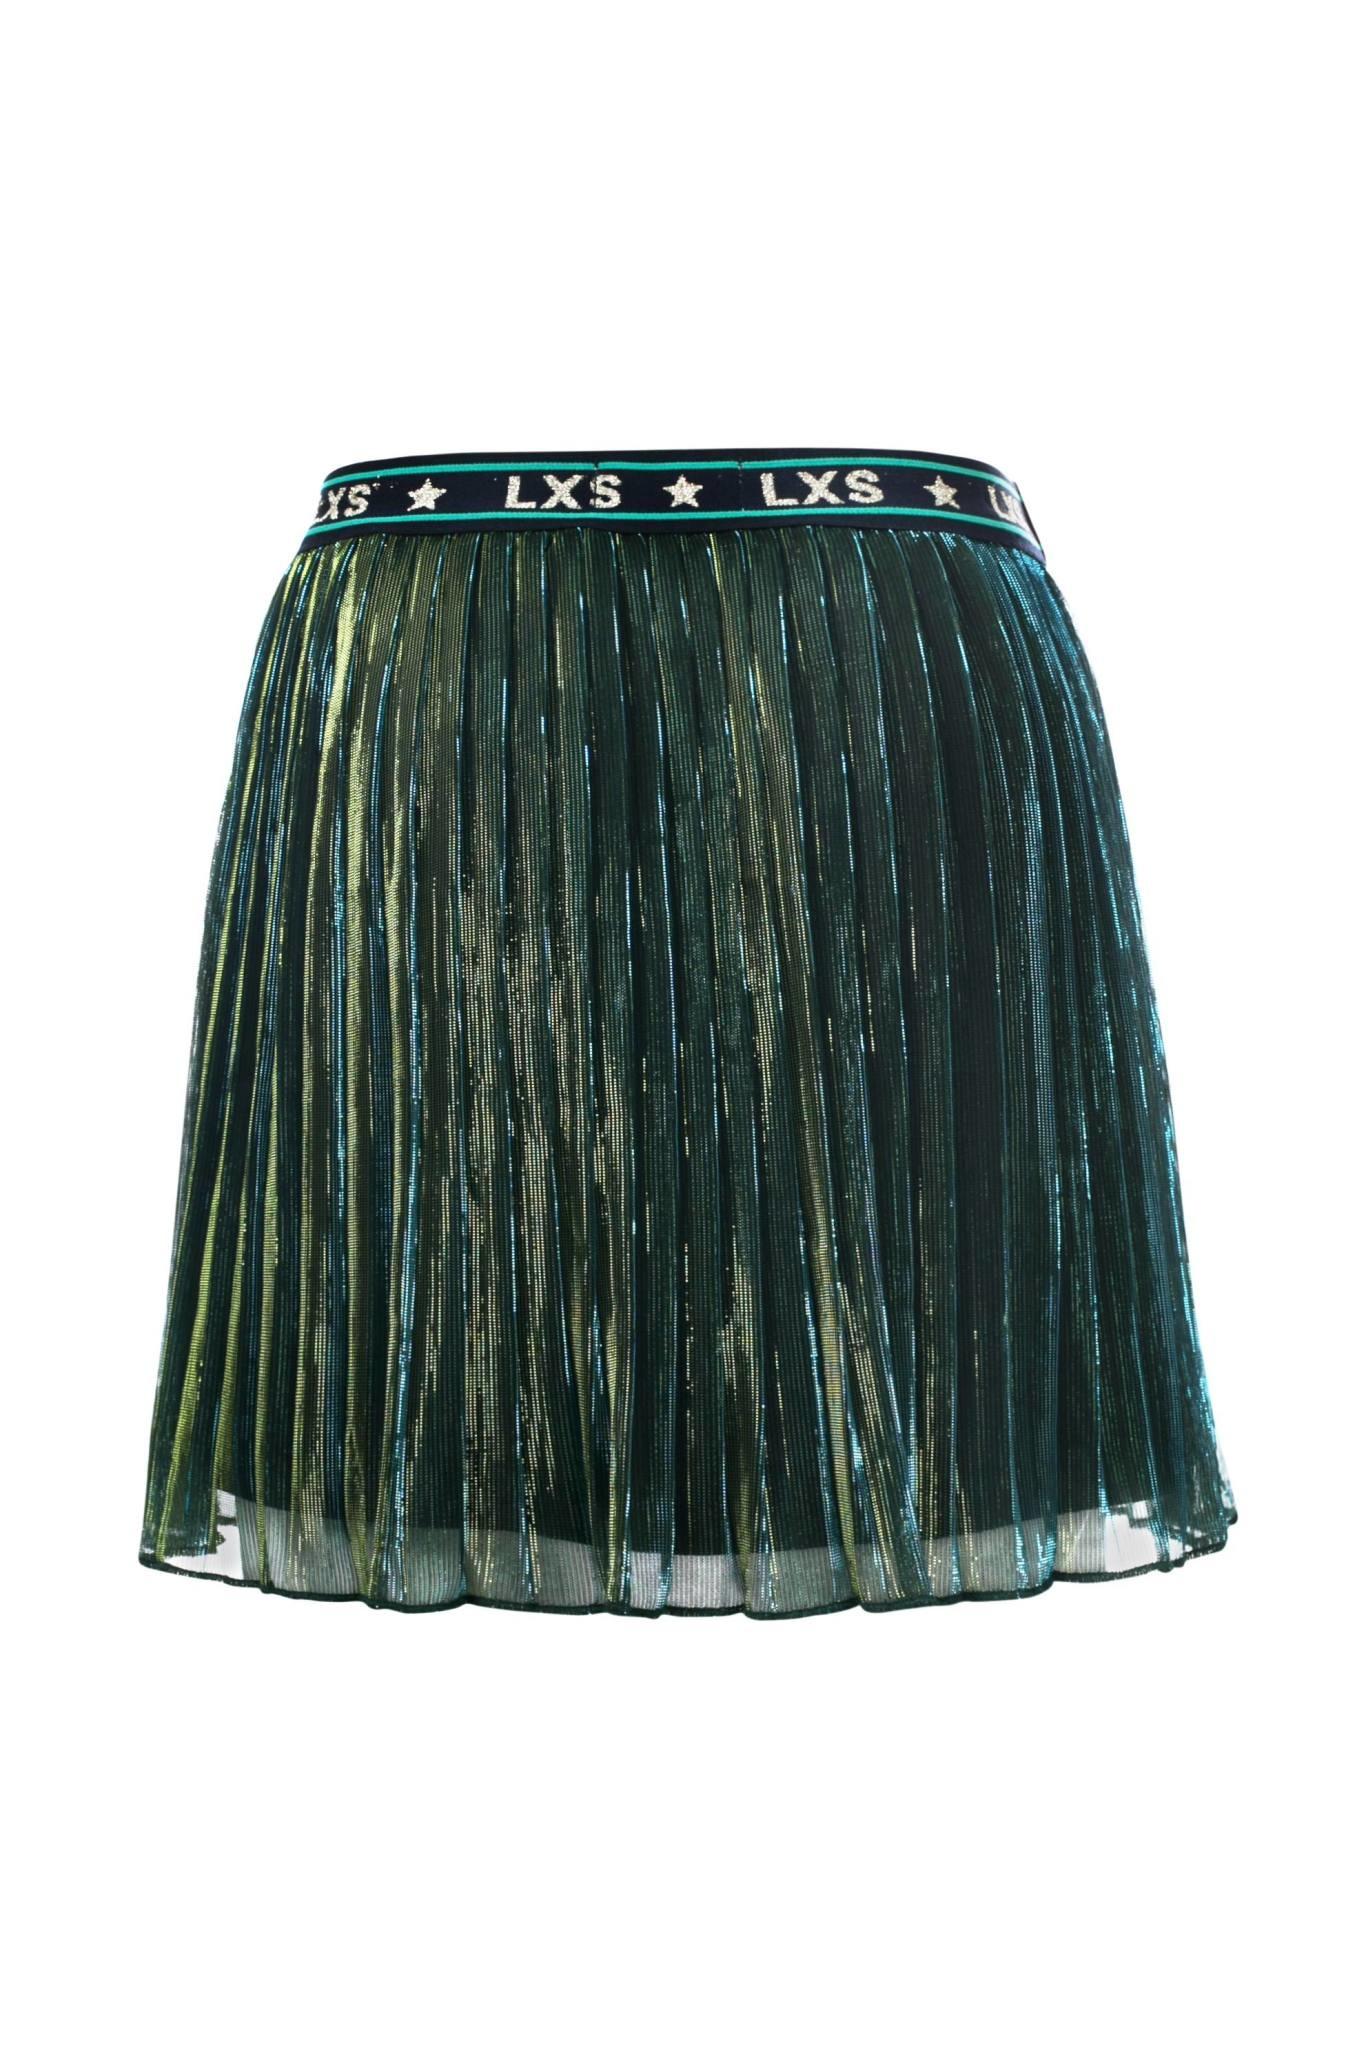 Looxs Plissé Skirt